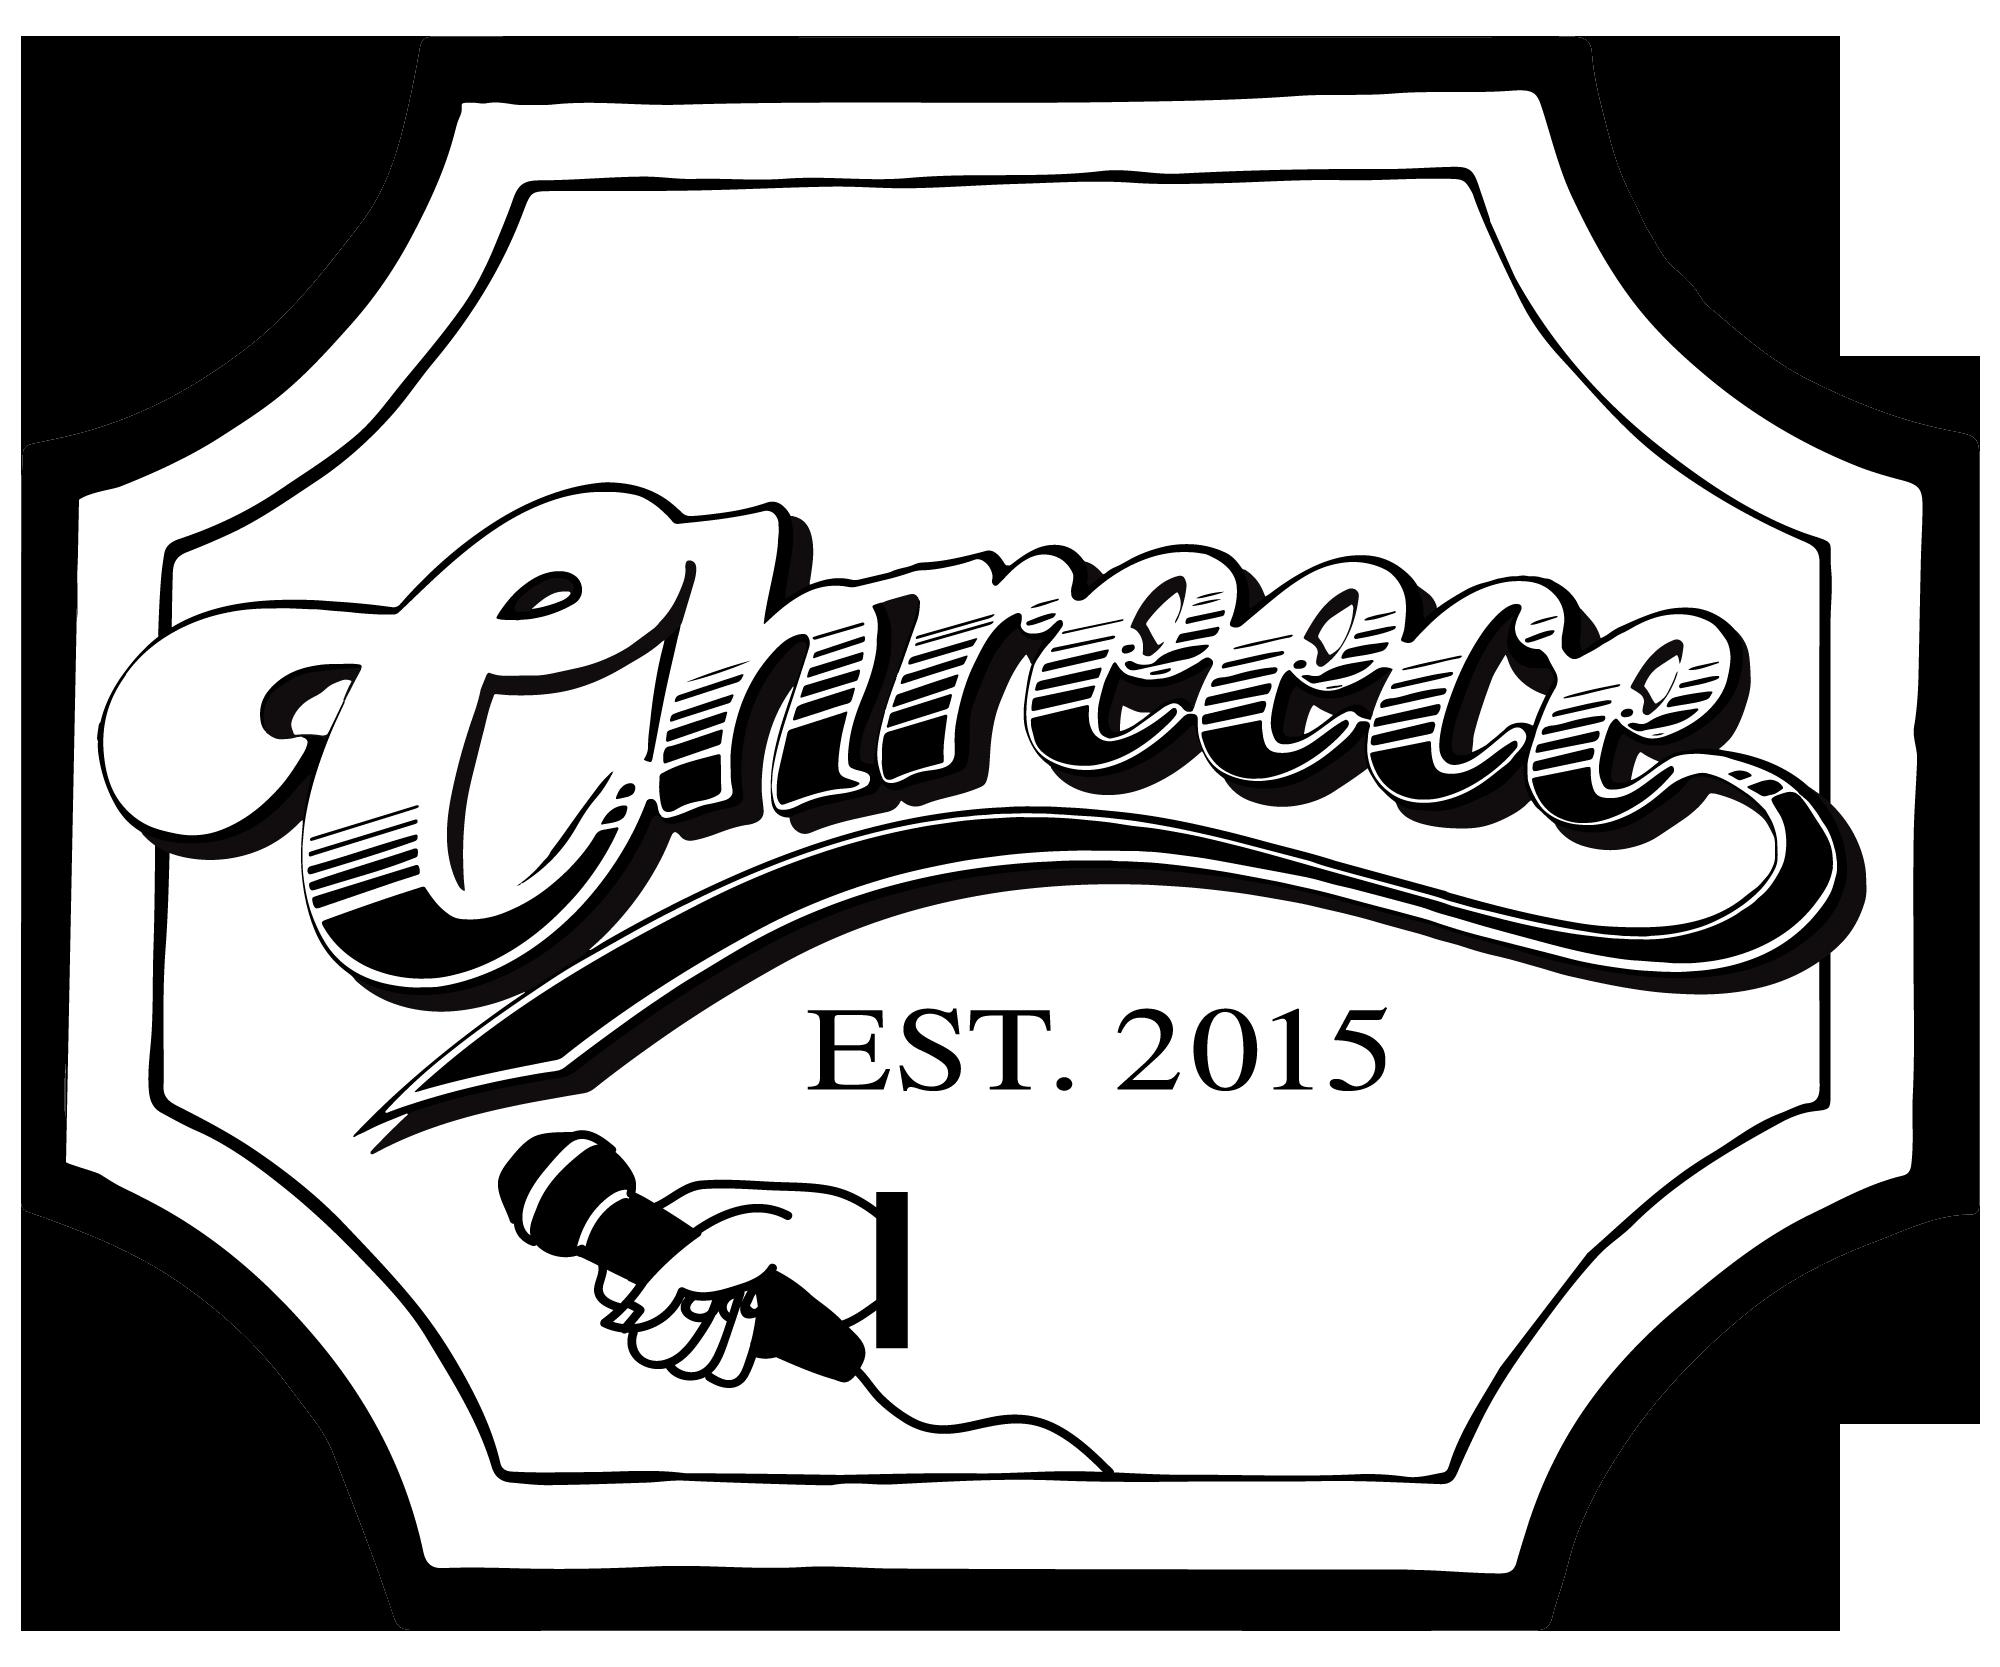 Chreece logo